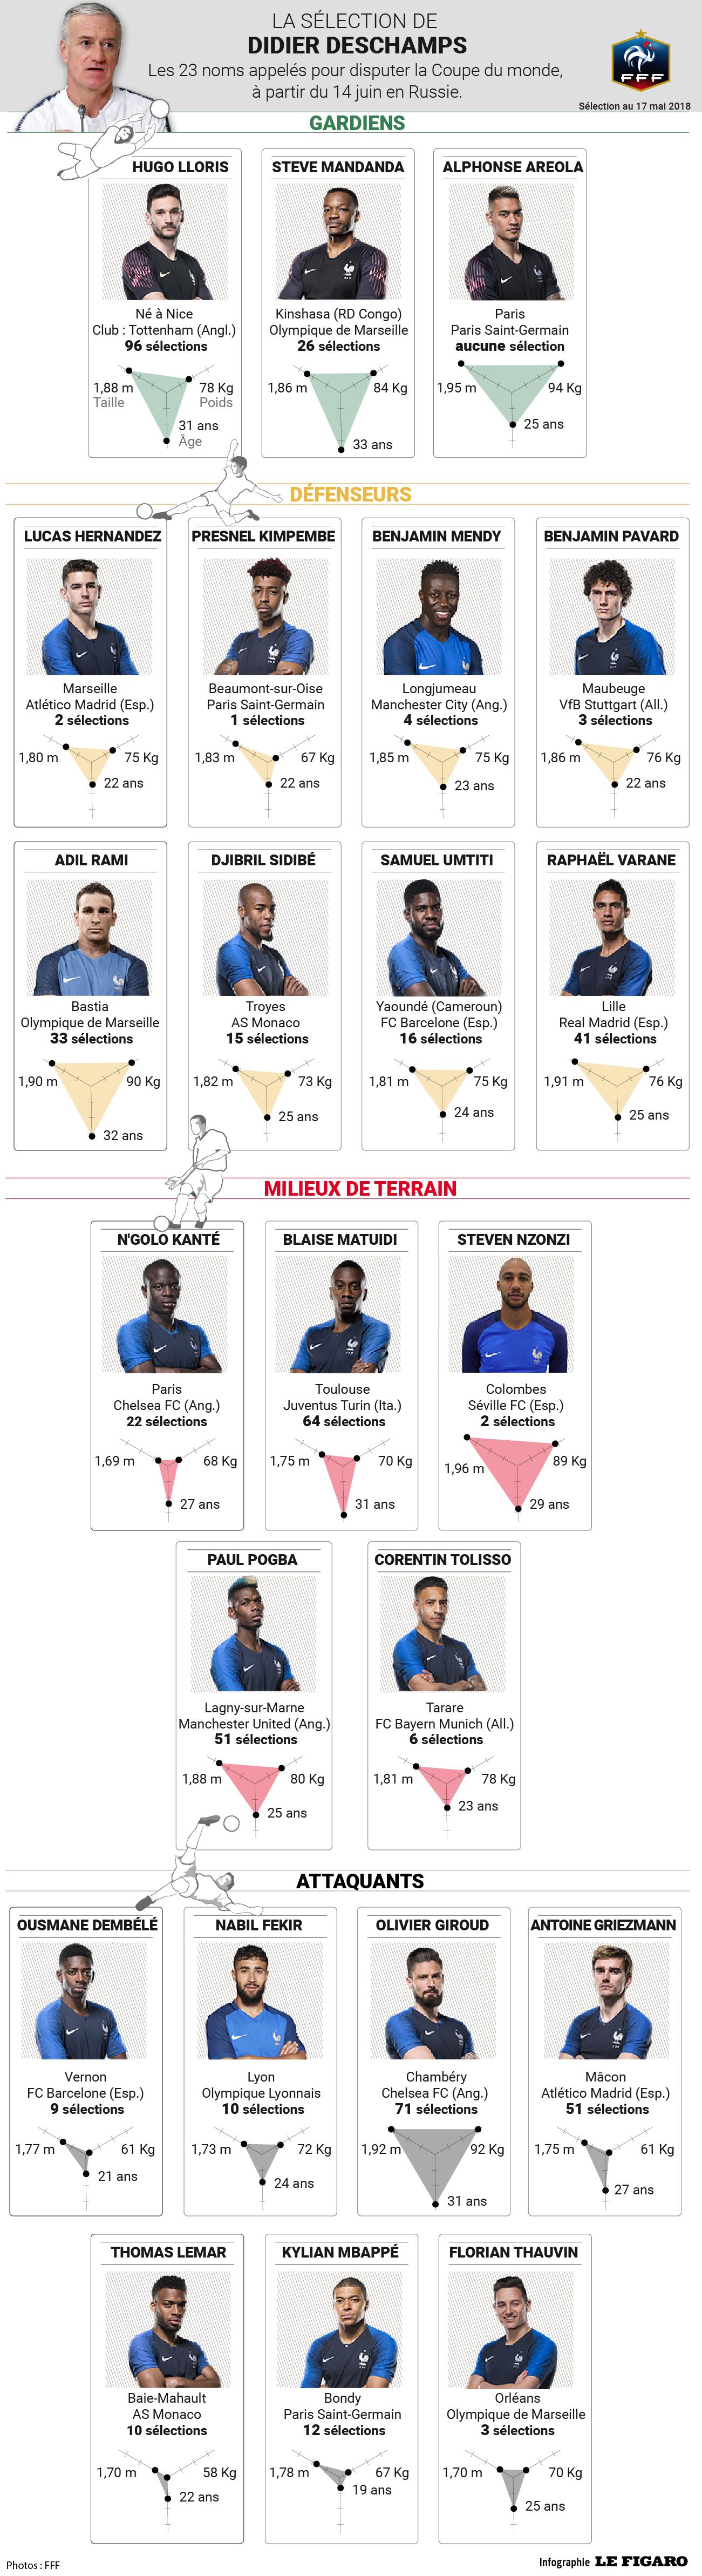 Joueur Equipe De France 1998 : joueur, equipe, france, Coupe, Monde, Découvrez, Liste, L'Equipe, France, Russie, Football